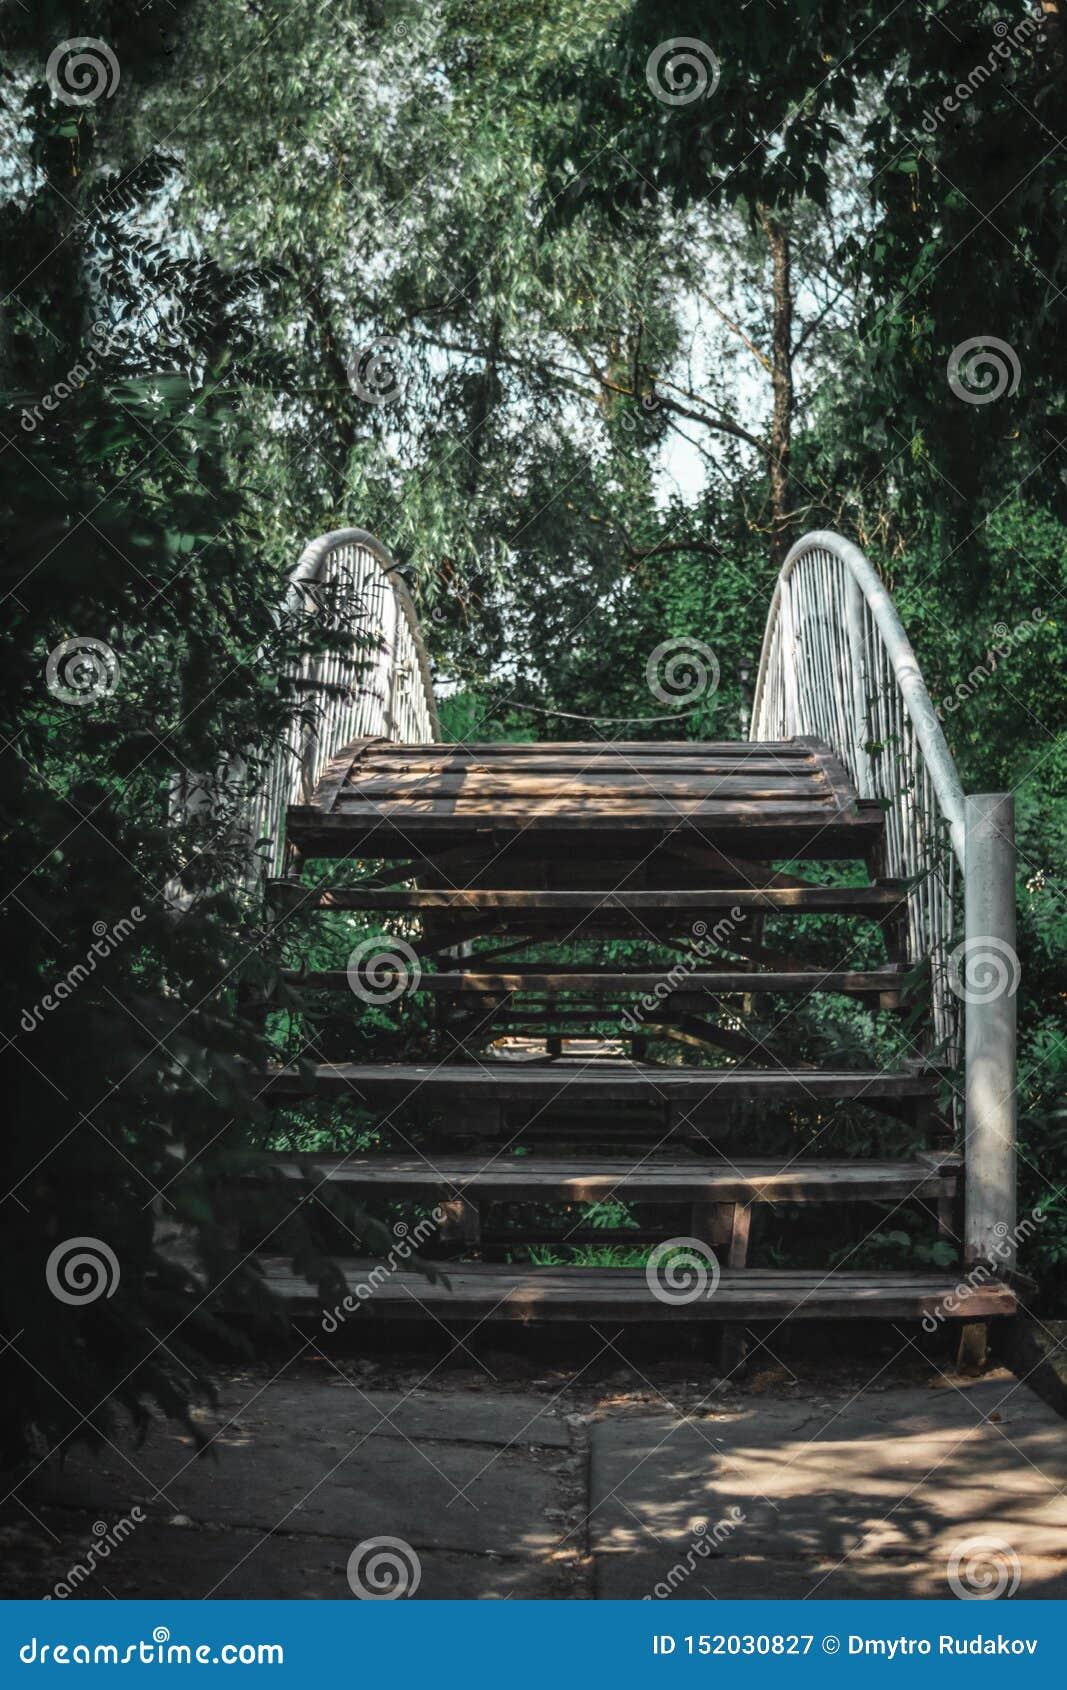 Drewniany most w lesie